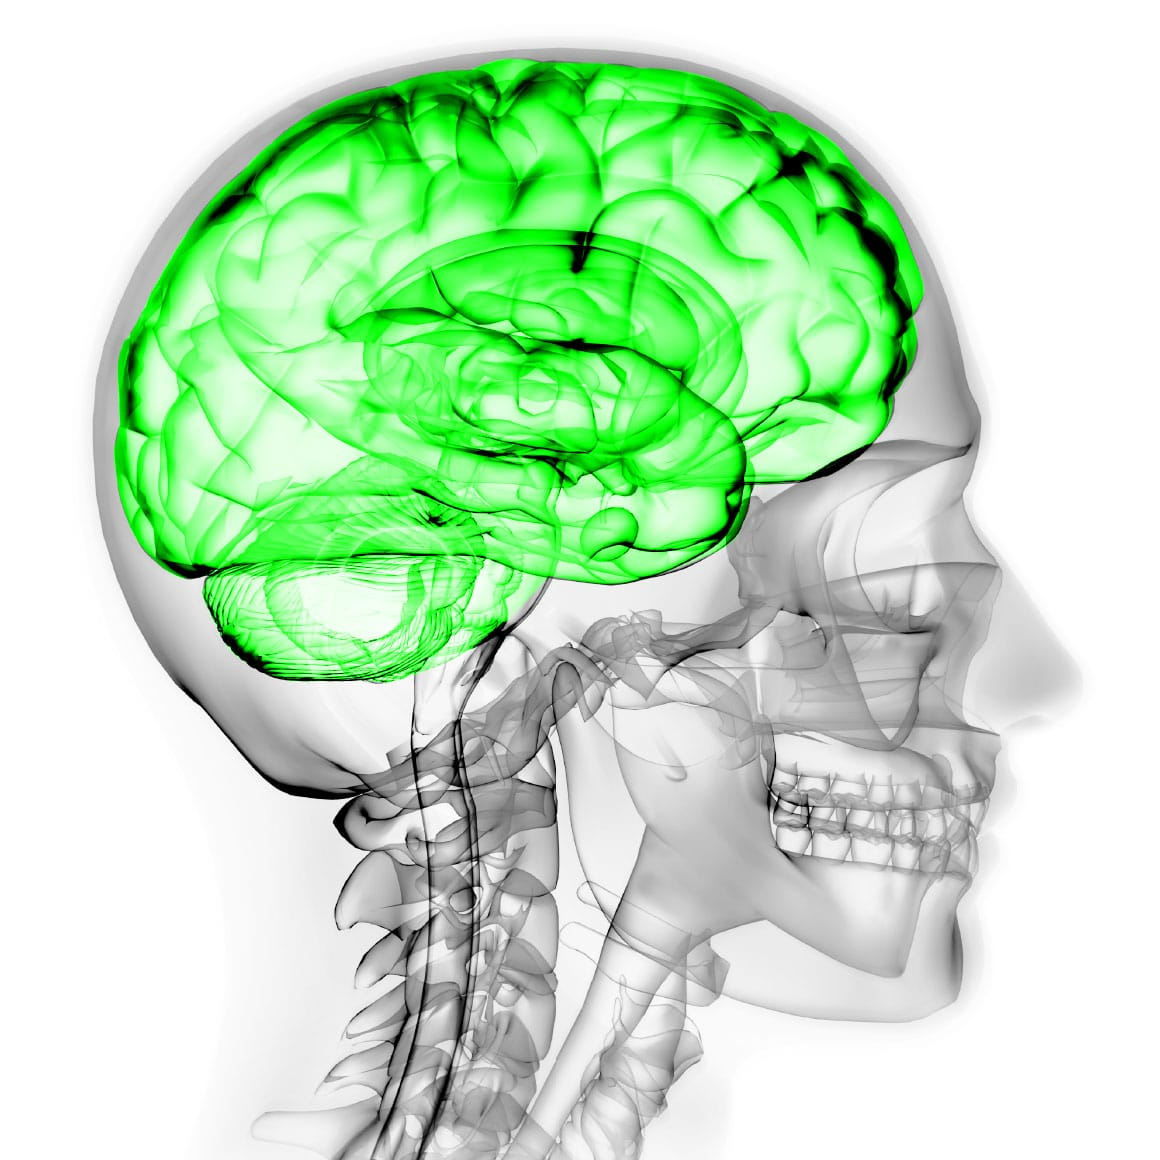 Koroyd Safety Initiative Brain Illustration